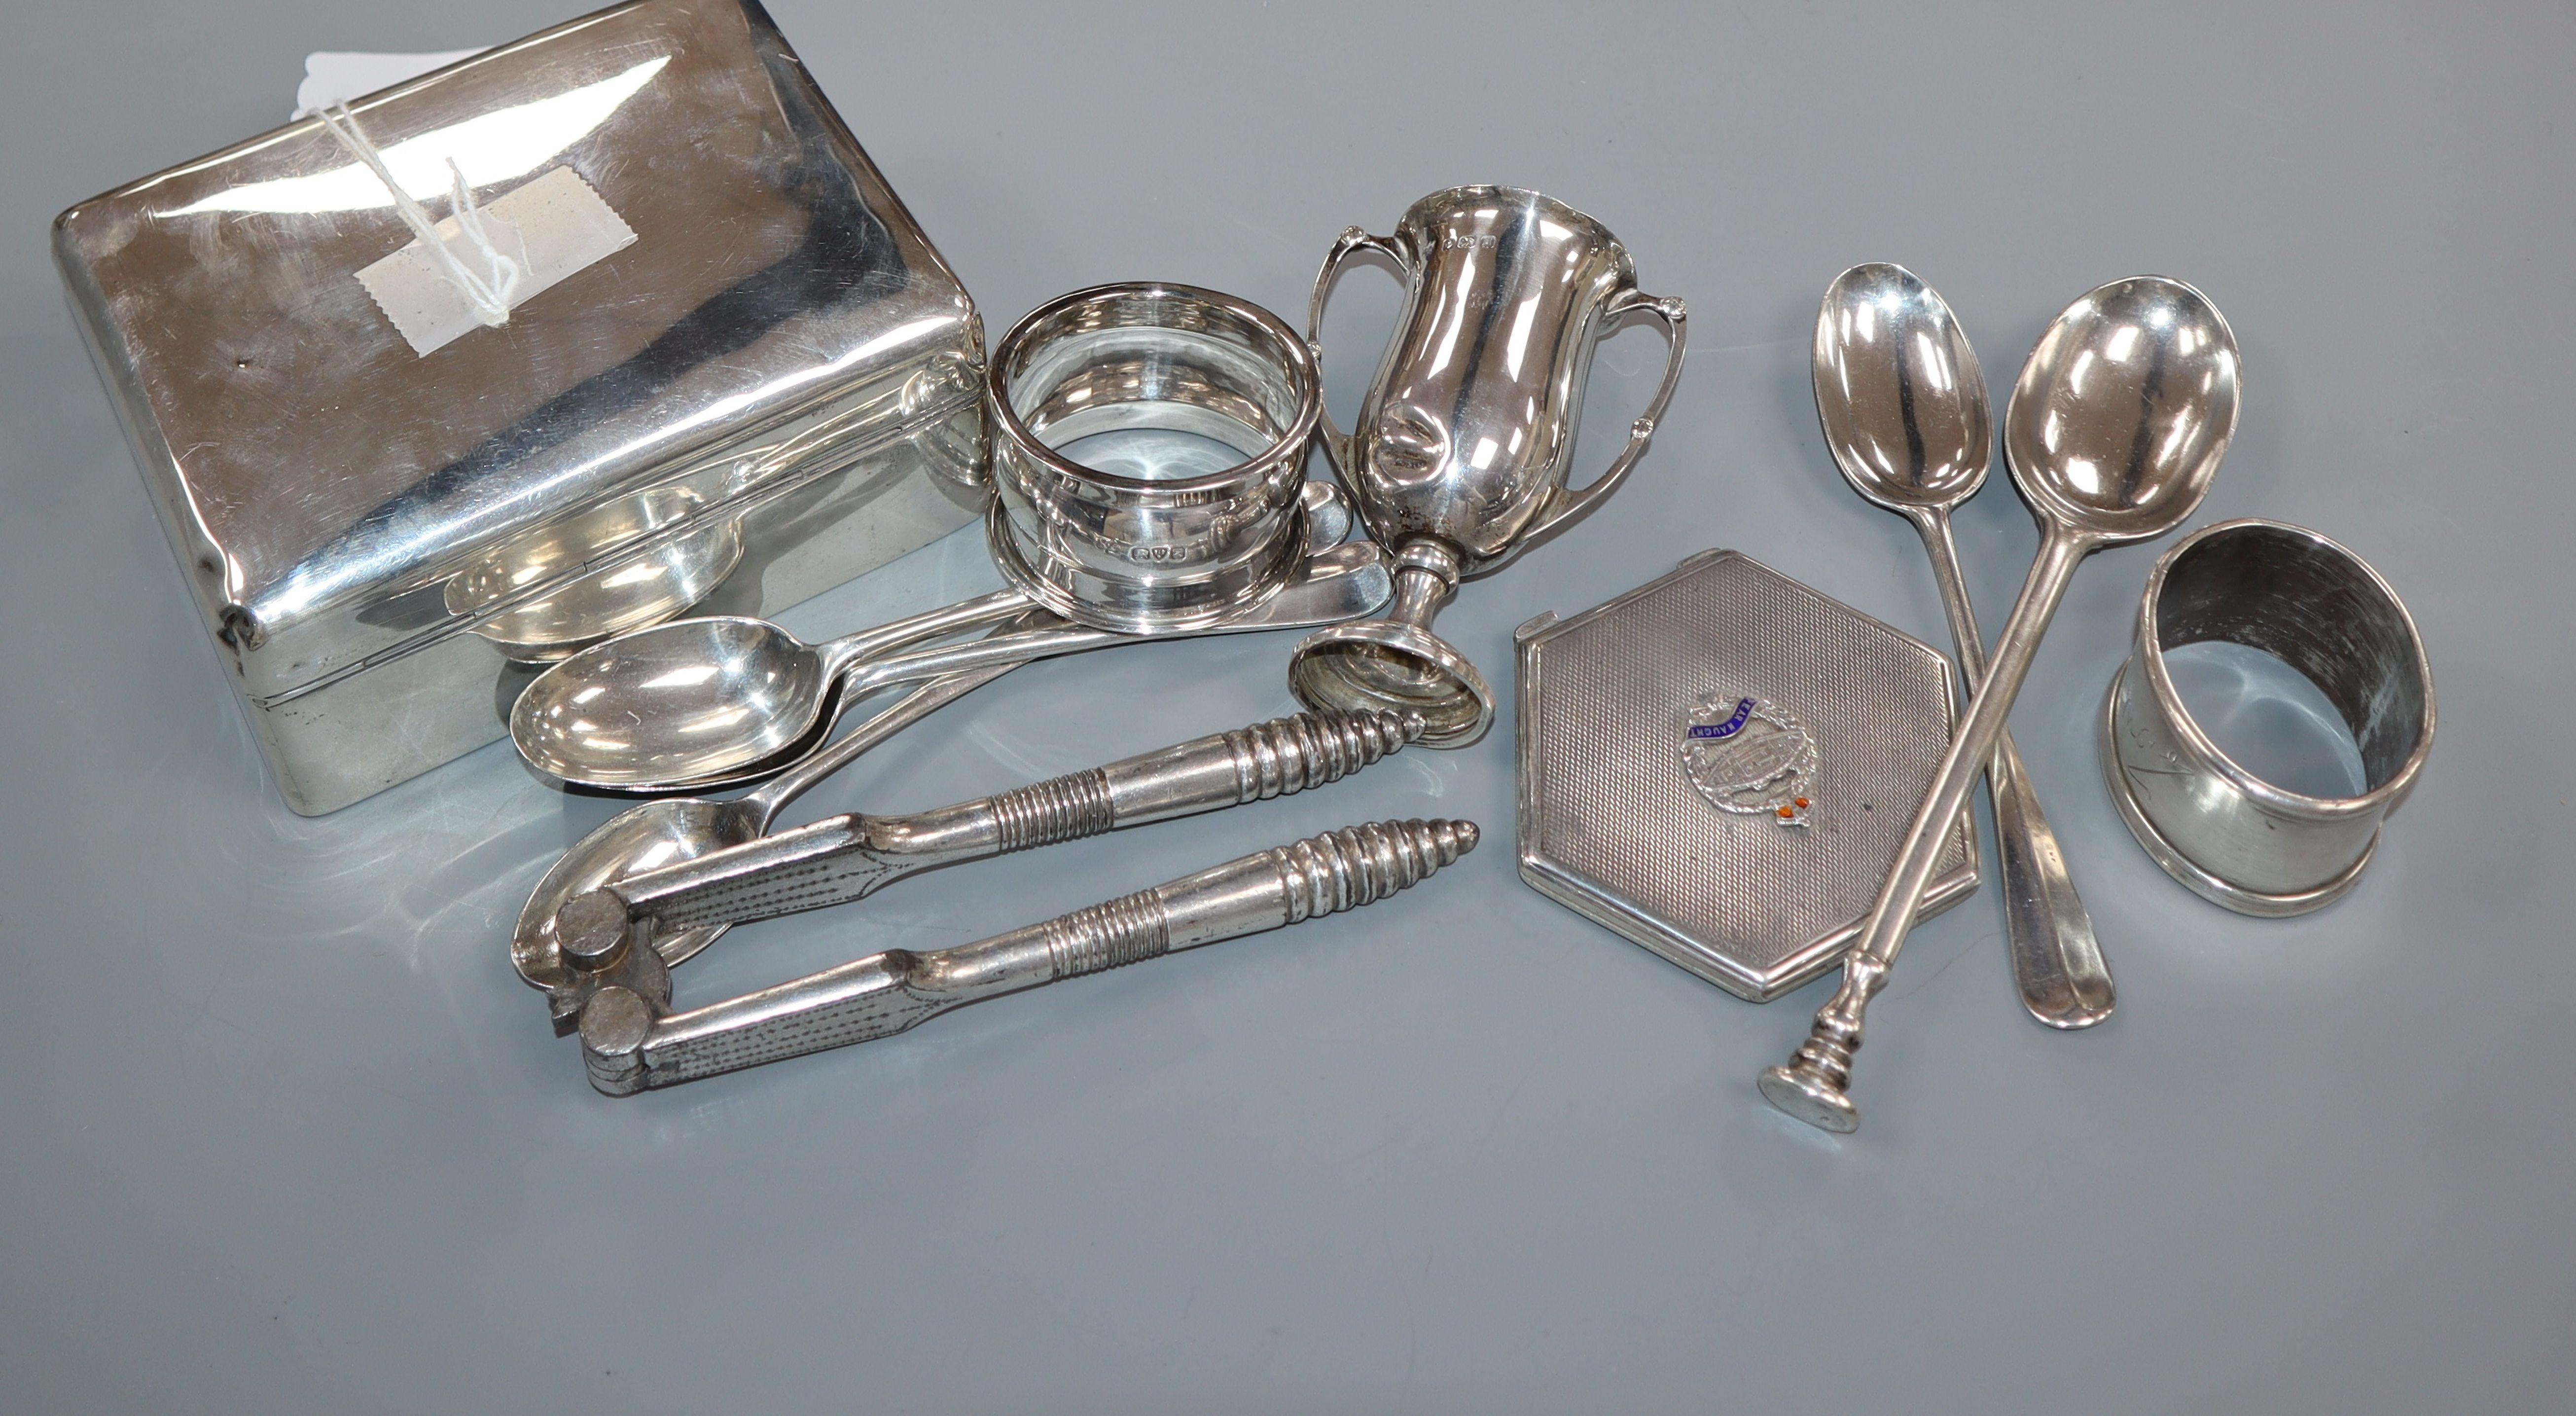 Lot 669 - A silver cigarette box, silver pencil, two silver napkin rings, small silver trophy cup, five silver